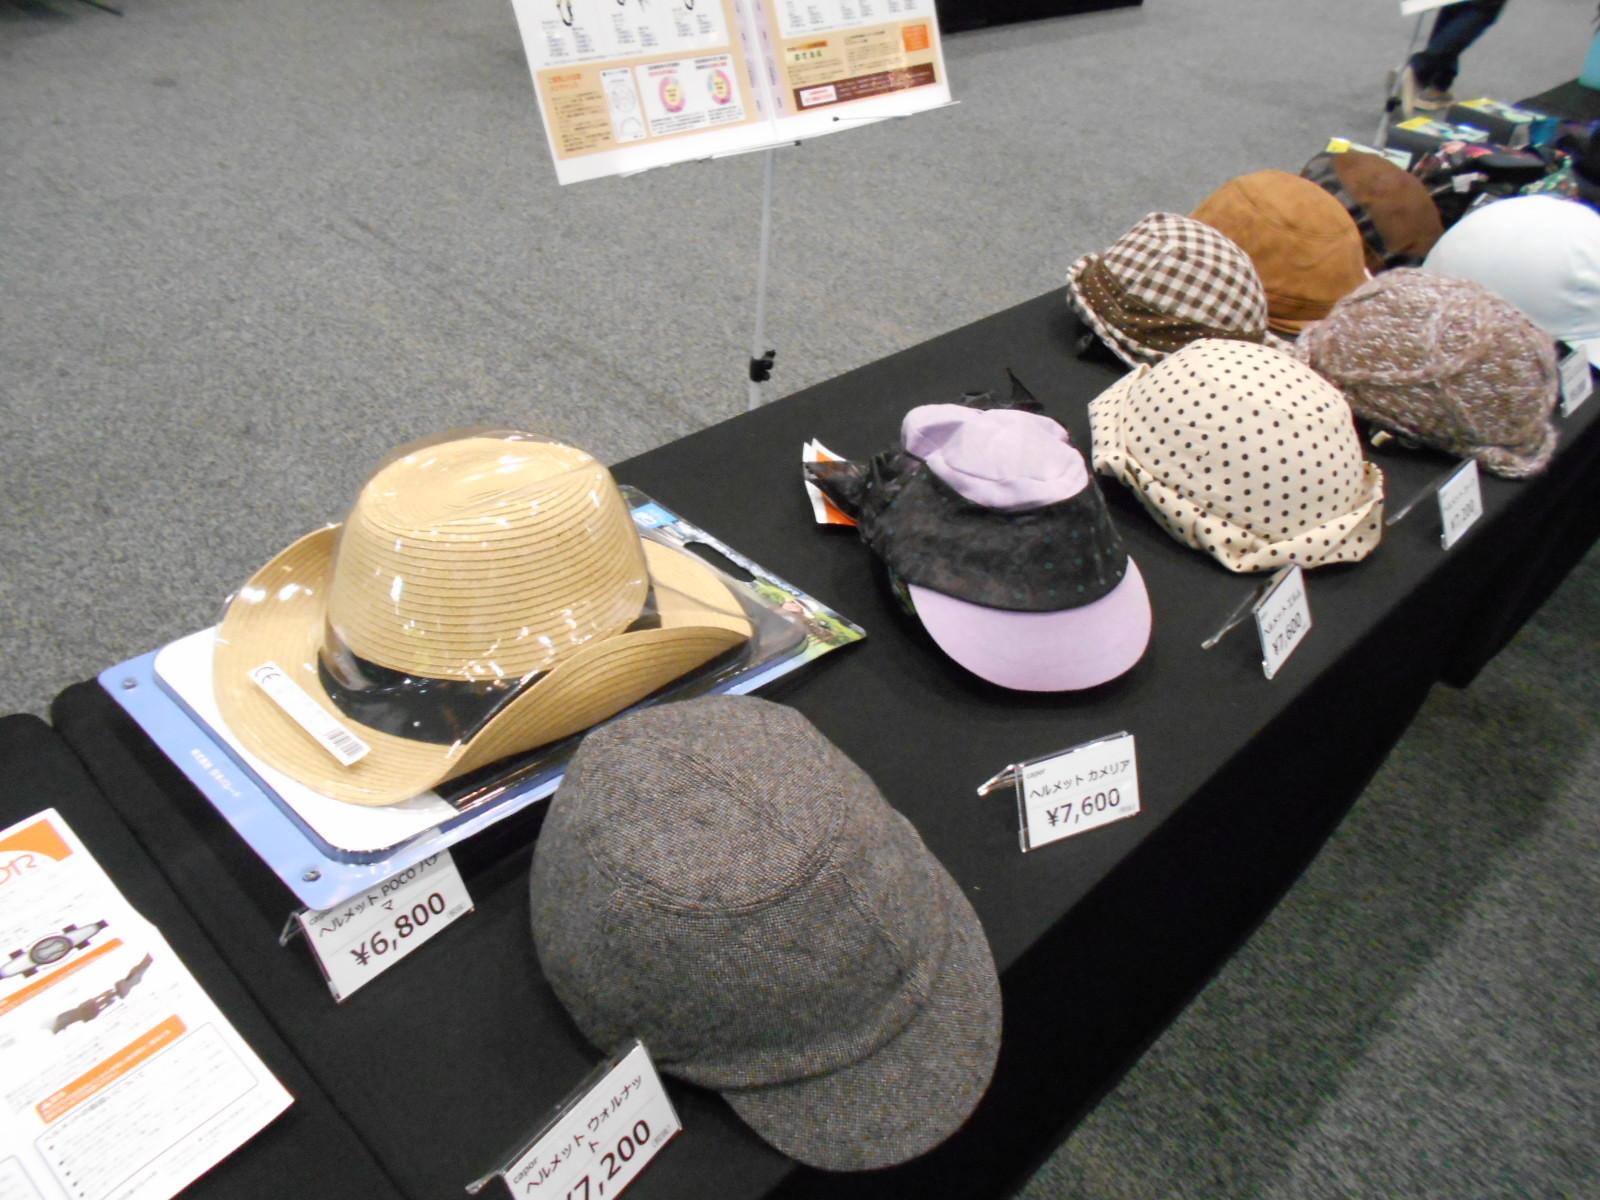 RPJのパーツ展示会に行ってきました_b0189682_10410987.jpg